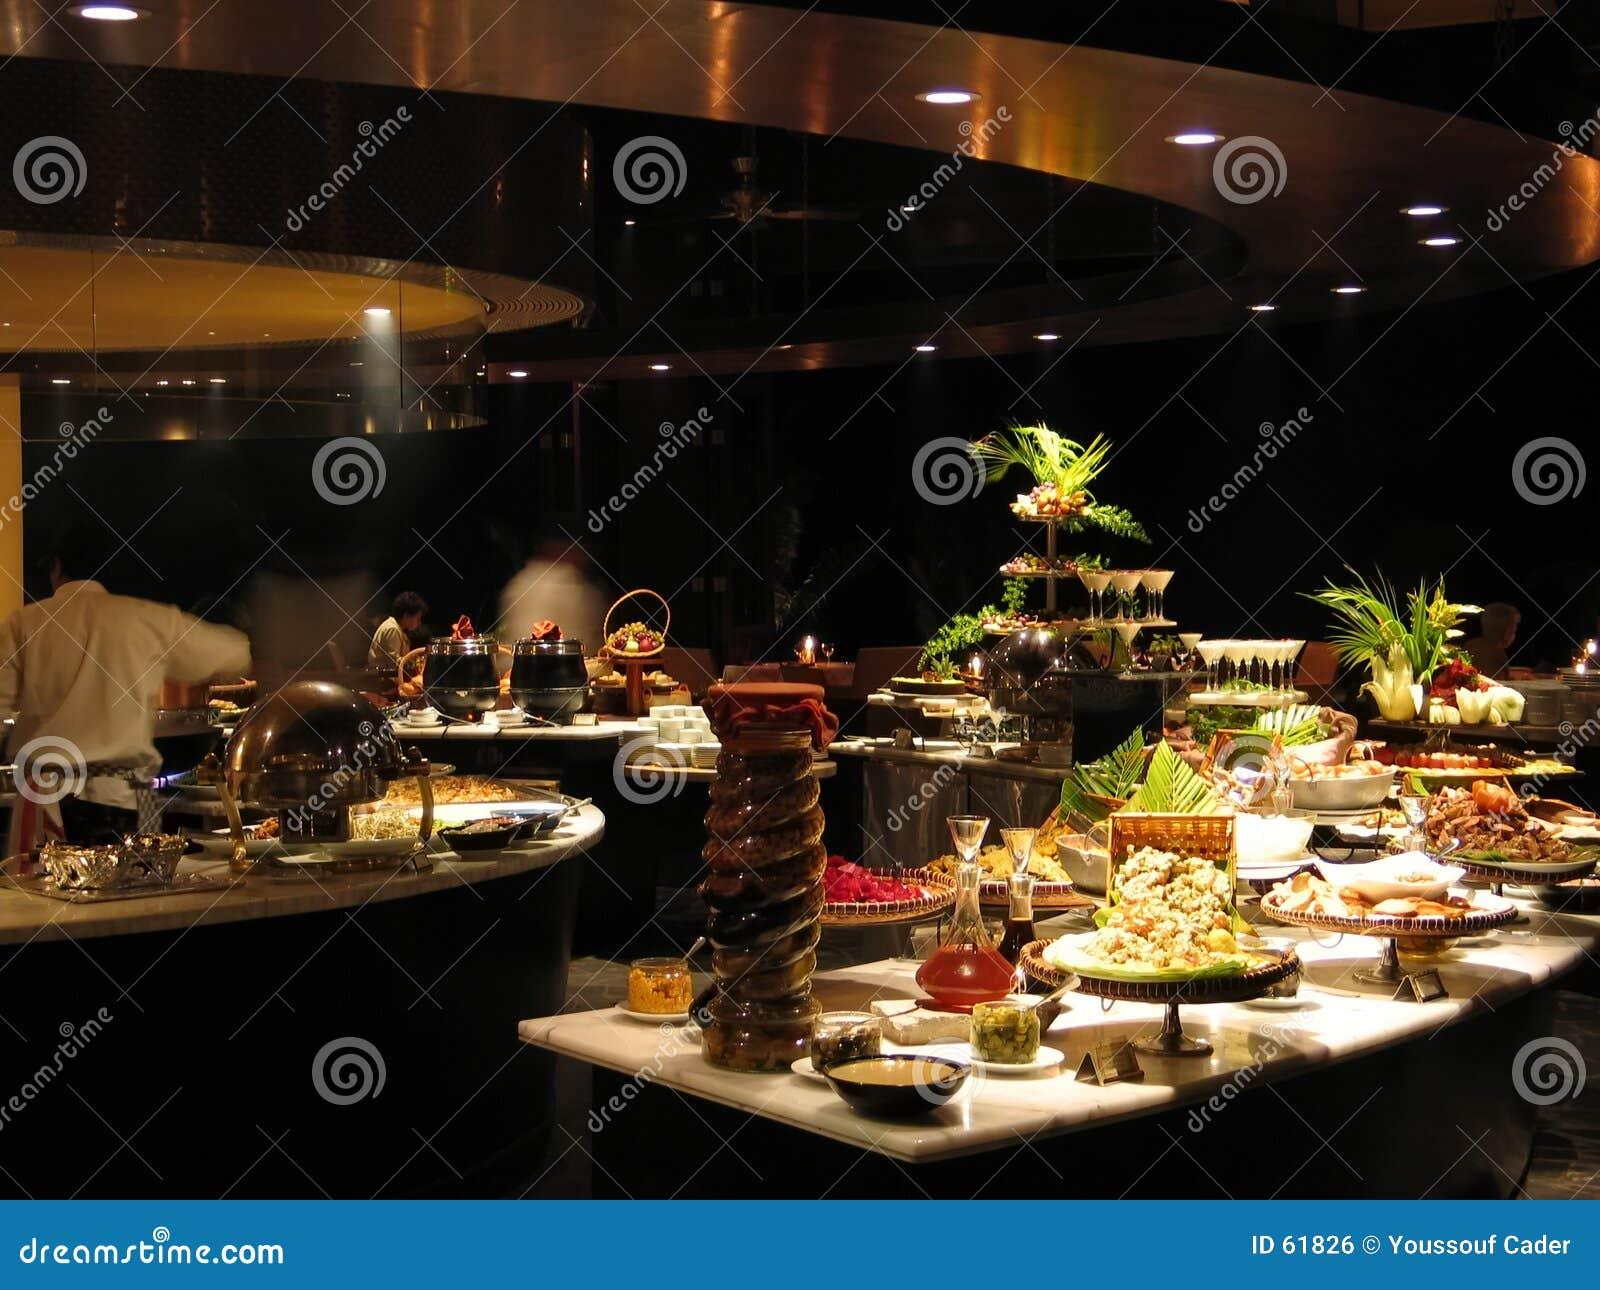 Restaurant at night-1189